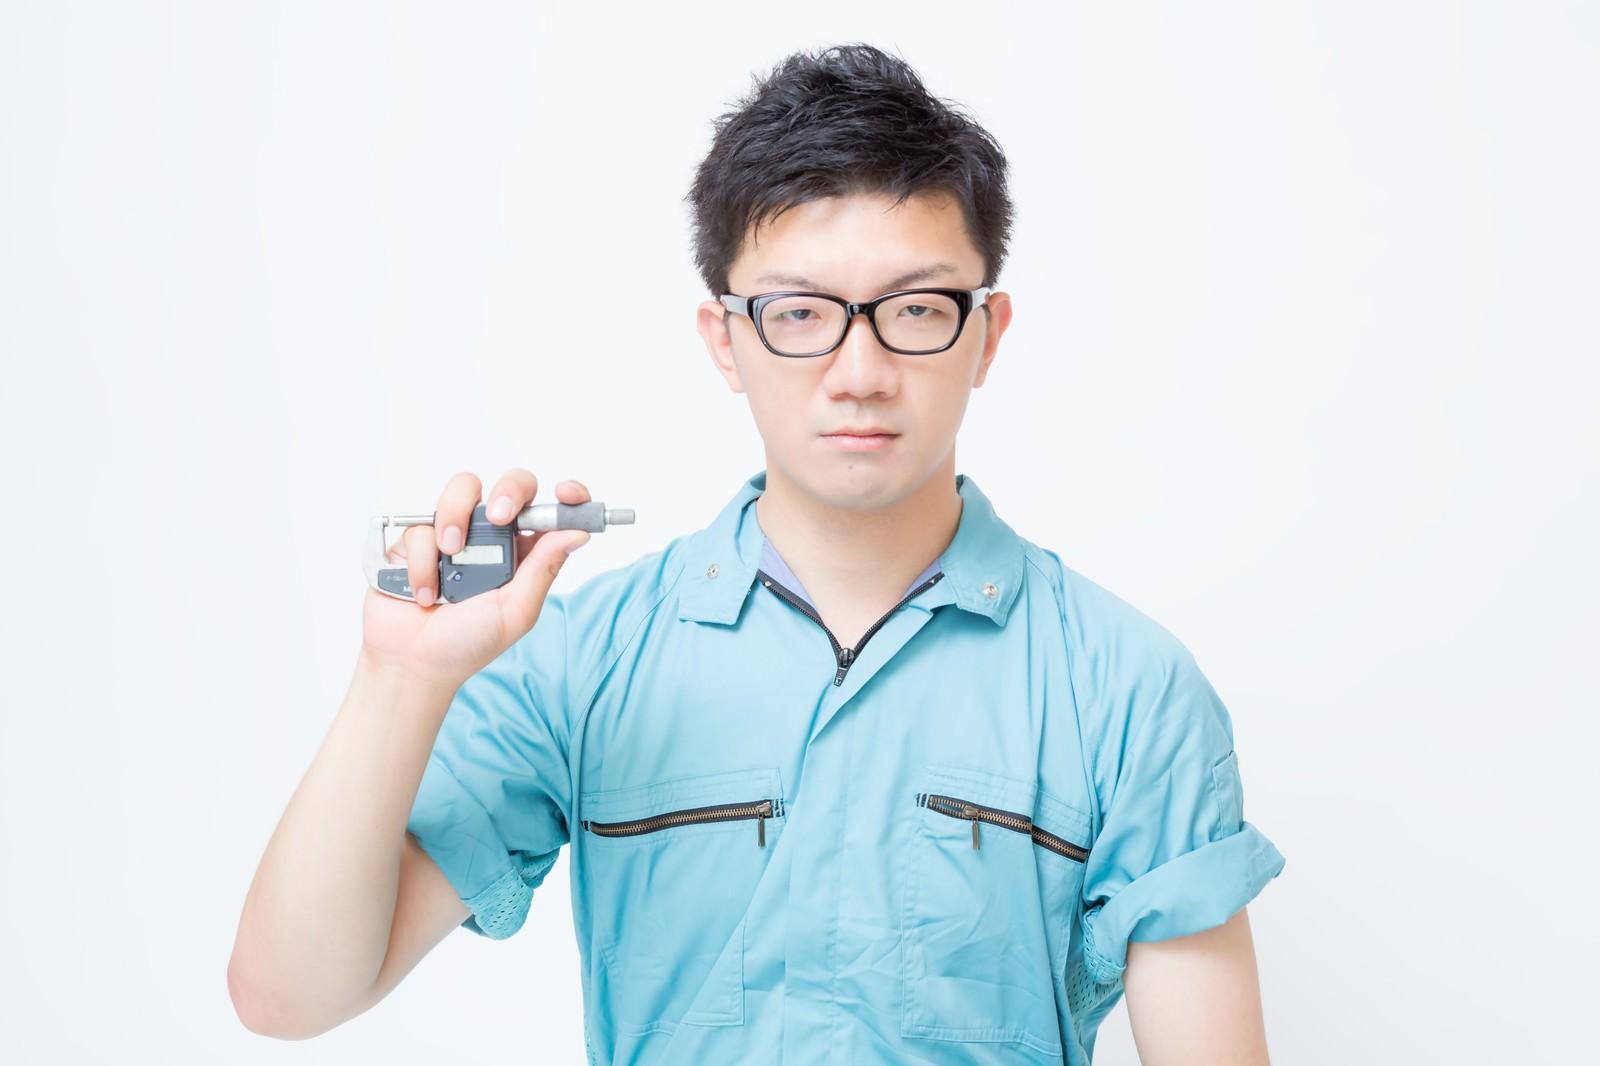 「マイクロメーターを持つ作業員」の写真[モデル:OZPA]